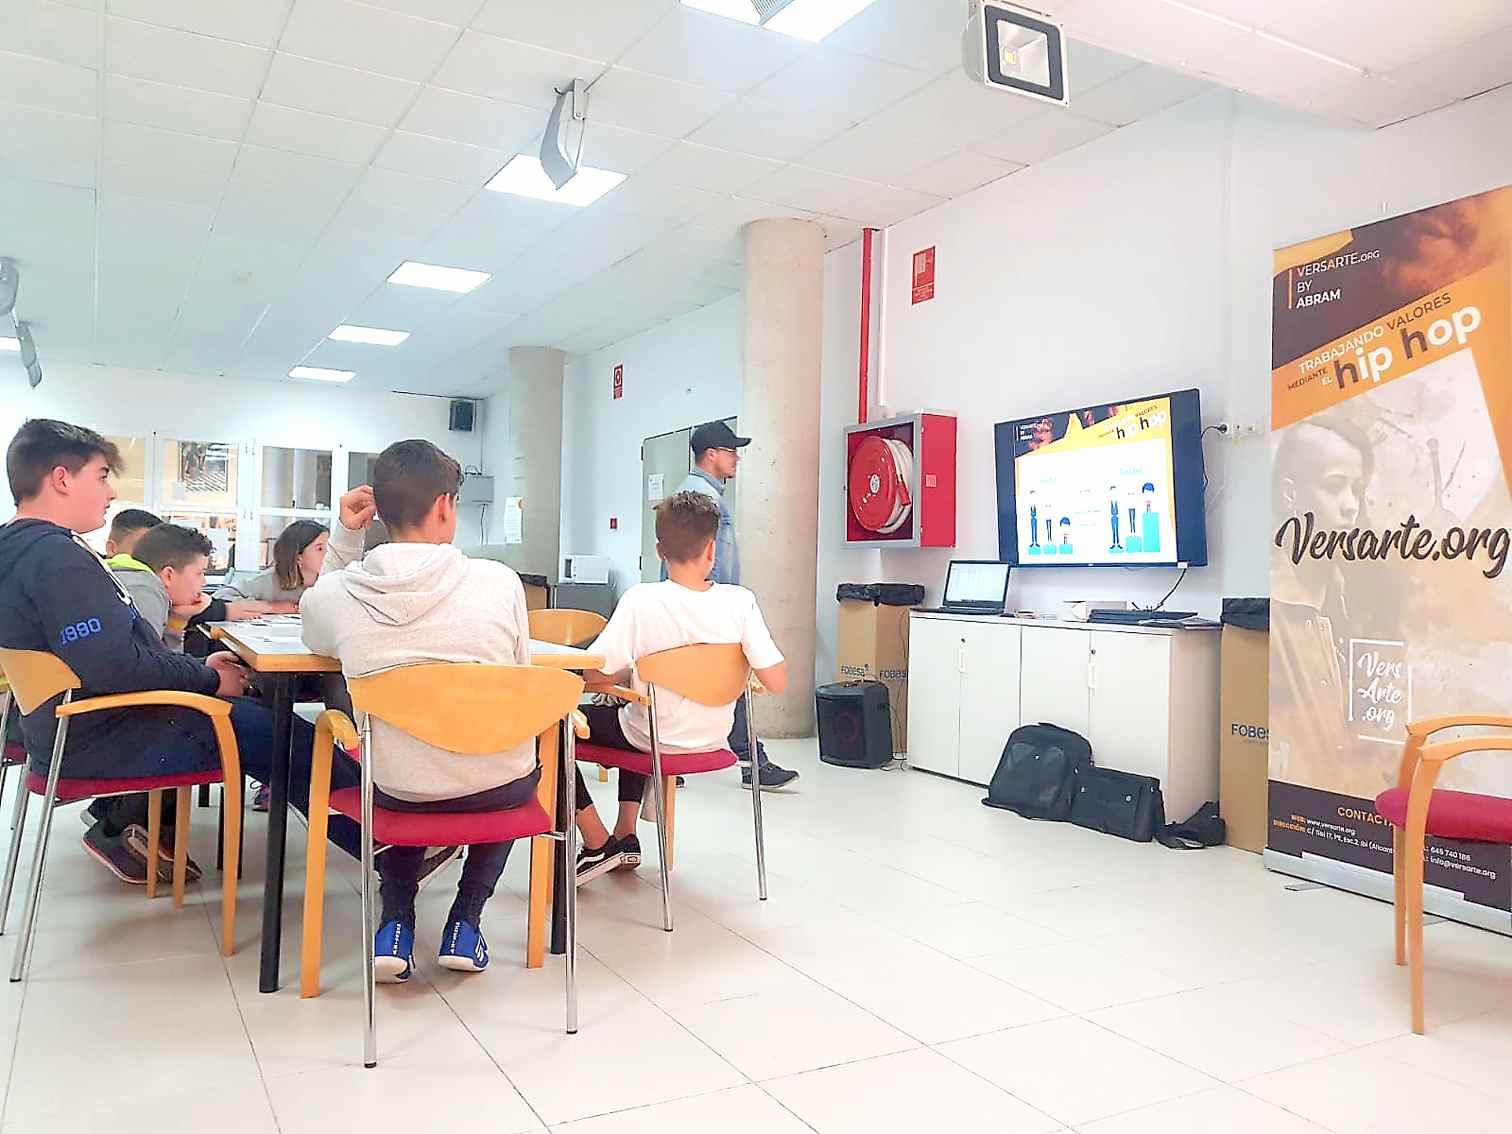 Abram imparte en Onil un taller de rap para jóvenes de entre 12 y 18 años